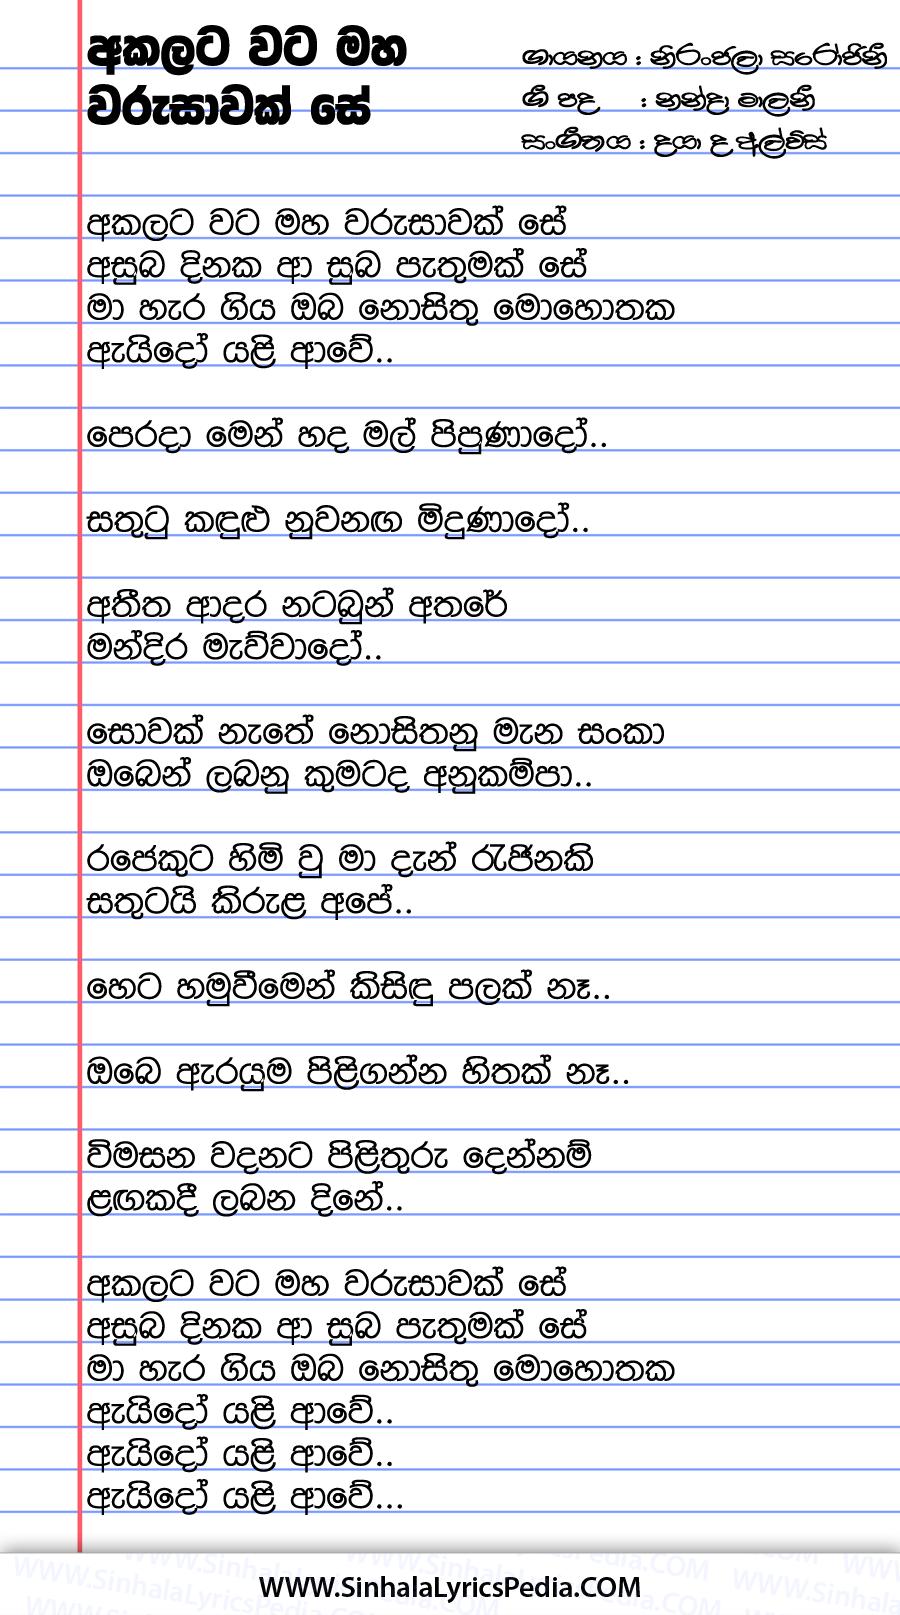 Akalata Wata Maha Warusawak Se Song Lyrics